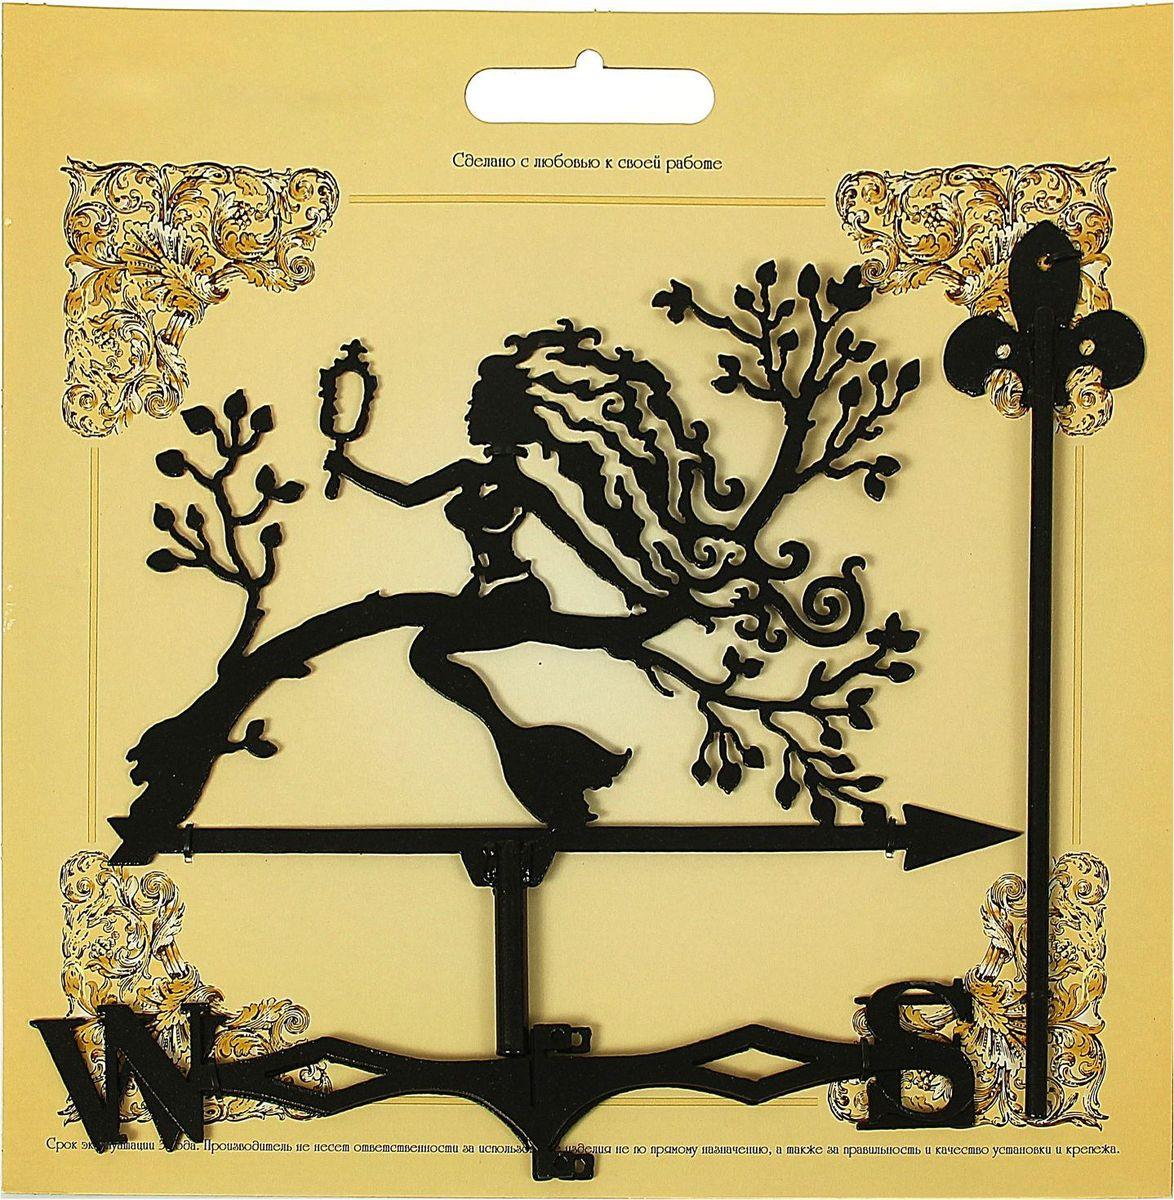 Флюгер Русалка на дереве, 30 х 40 смK100Флюгер — это декоративный элемент и прибор, с помощью которого определяют направление ветра. Его устанавливают на самом высоком открытом месте: крышах зданий, беседках, башнях.Флюгер Русалка на дереве изготовлен из листового металла толщиной 1,5 мм, сверху обработан антикоррозийной краской.Изделие включает неподвижный шпиль, флажок и указатель сторон света.